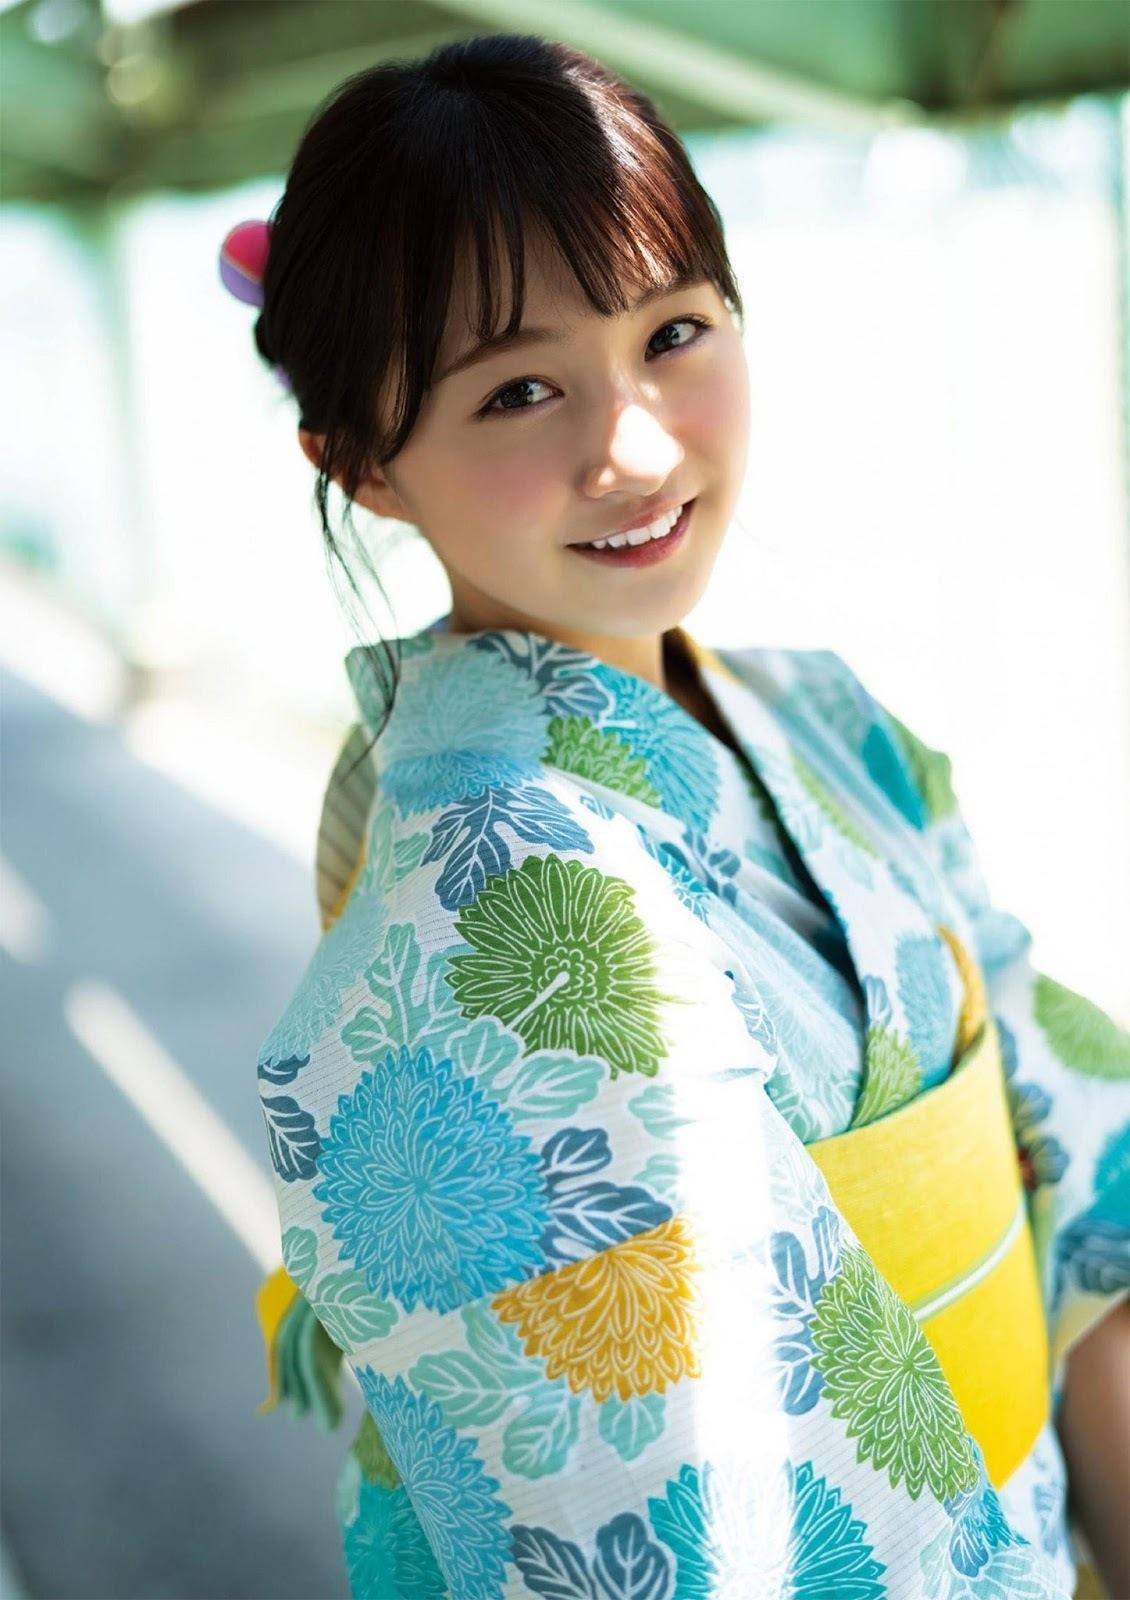 NMB48次世代王牌山本彩加引退转当护理师超暖原因让人更爱她了 网络美女 第35张